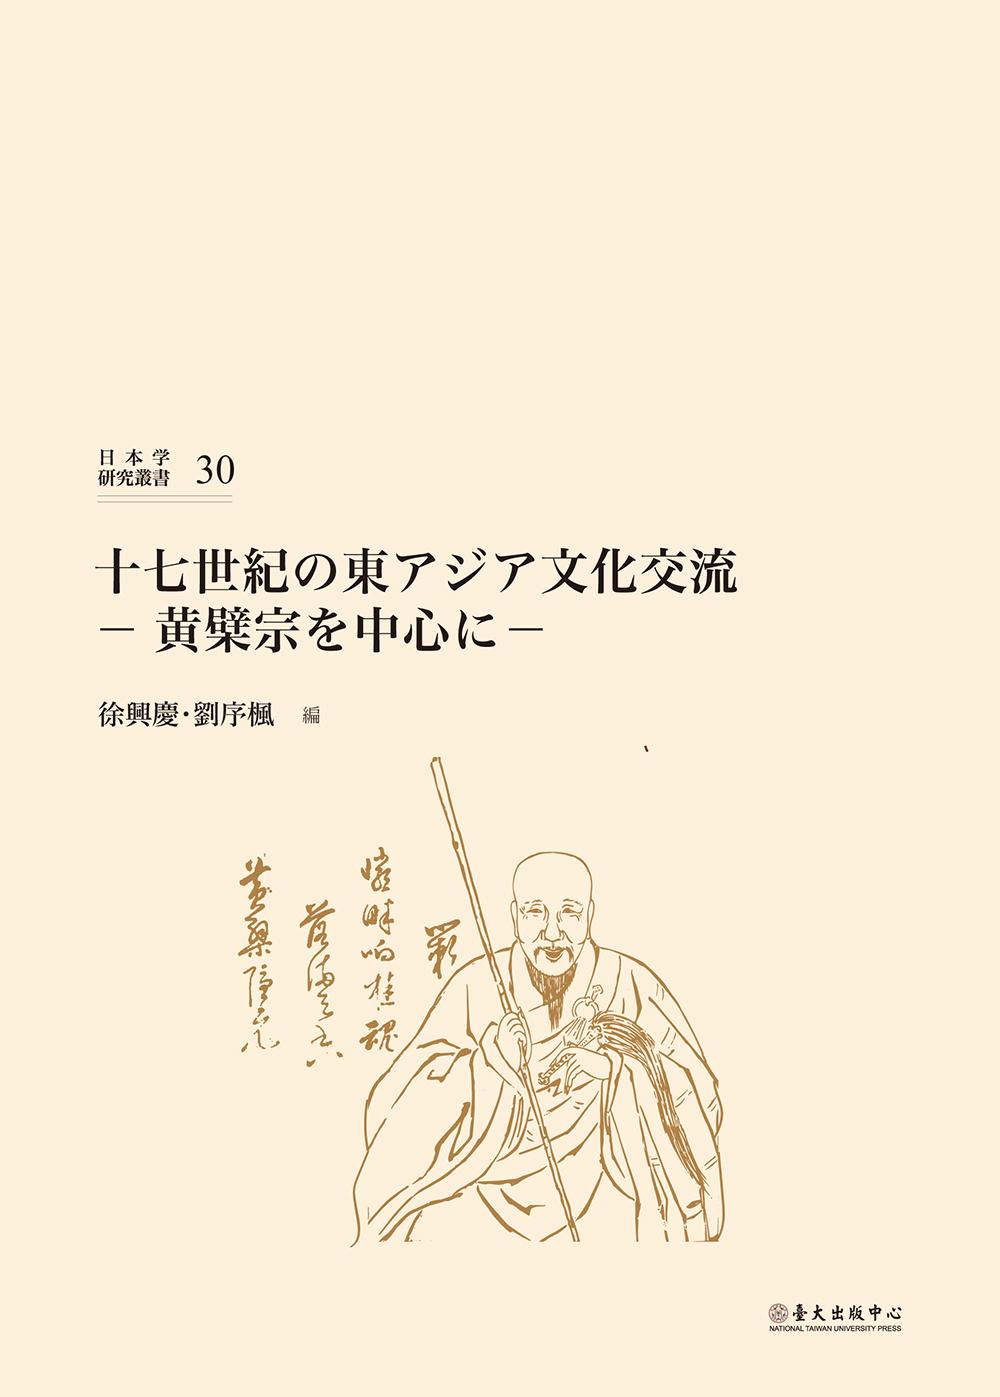 十七世紀の東アジア文化交流―黄檗宗を中心に―